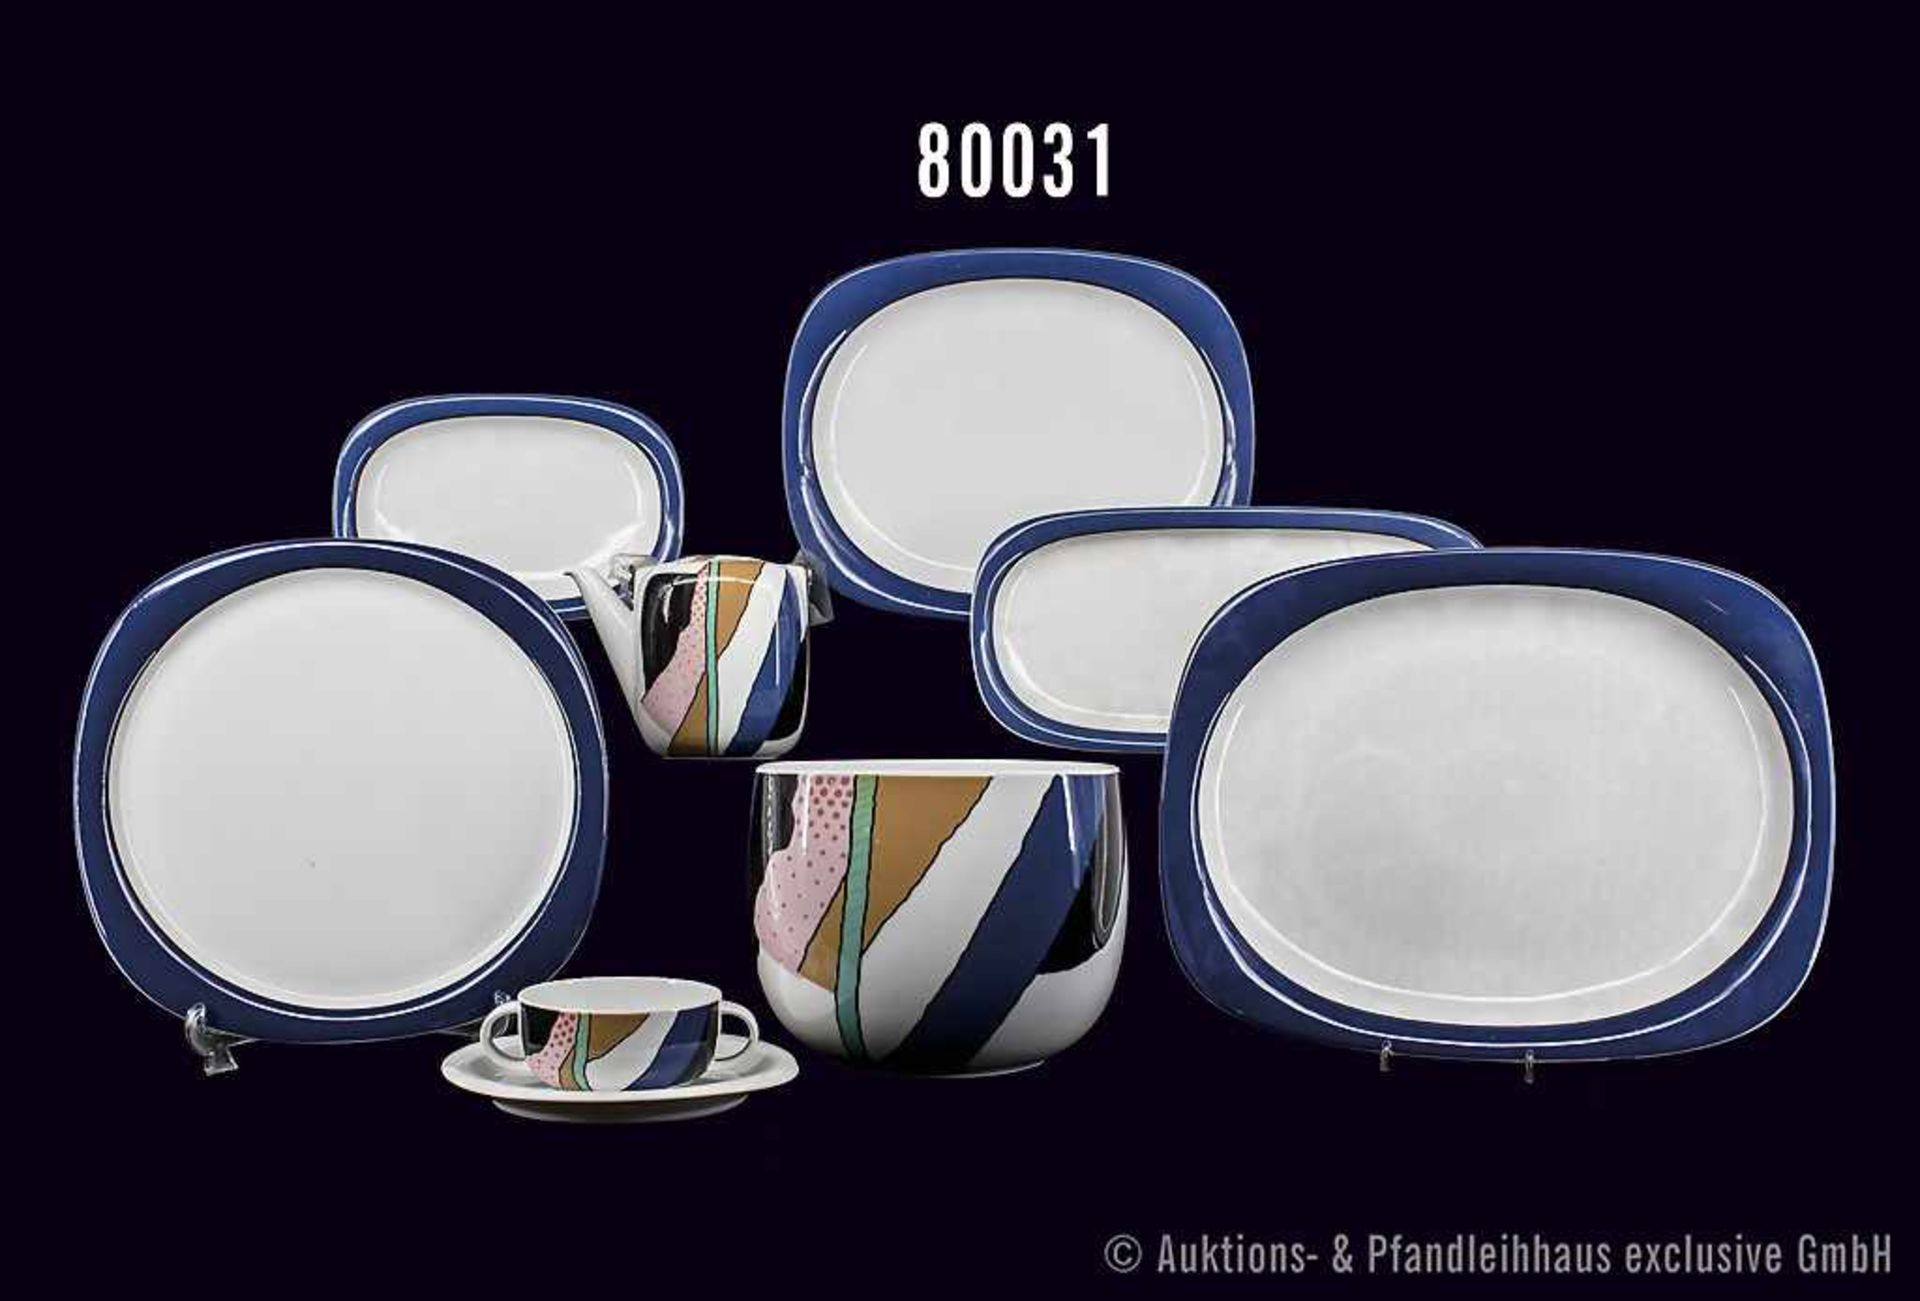 Konv. Rosenthal Porzellan, 23 Teile, Serie Suomi weiß, Dekor Collage bunt mit blauem Rand, Motiv